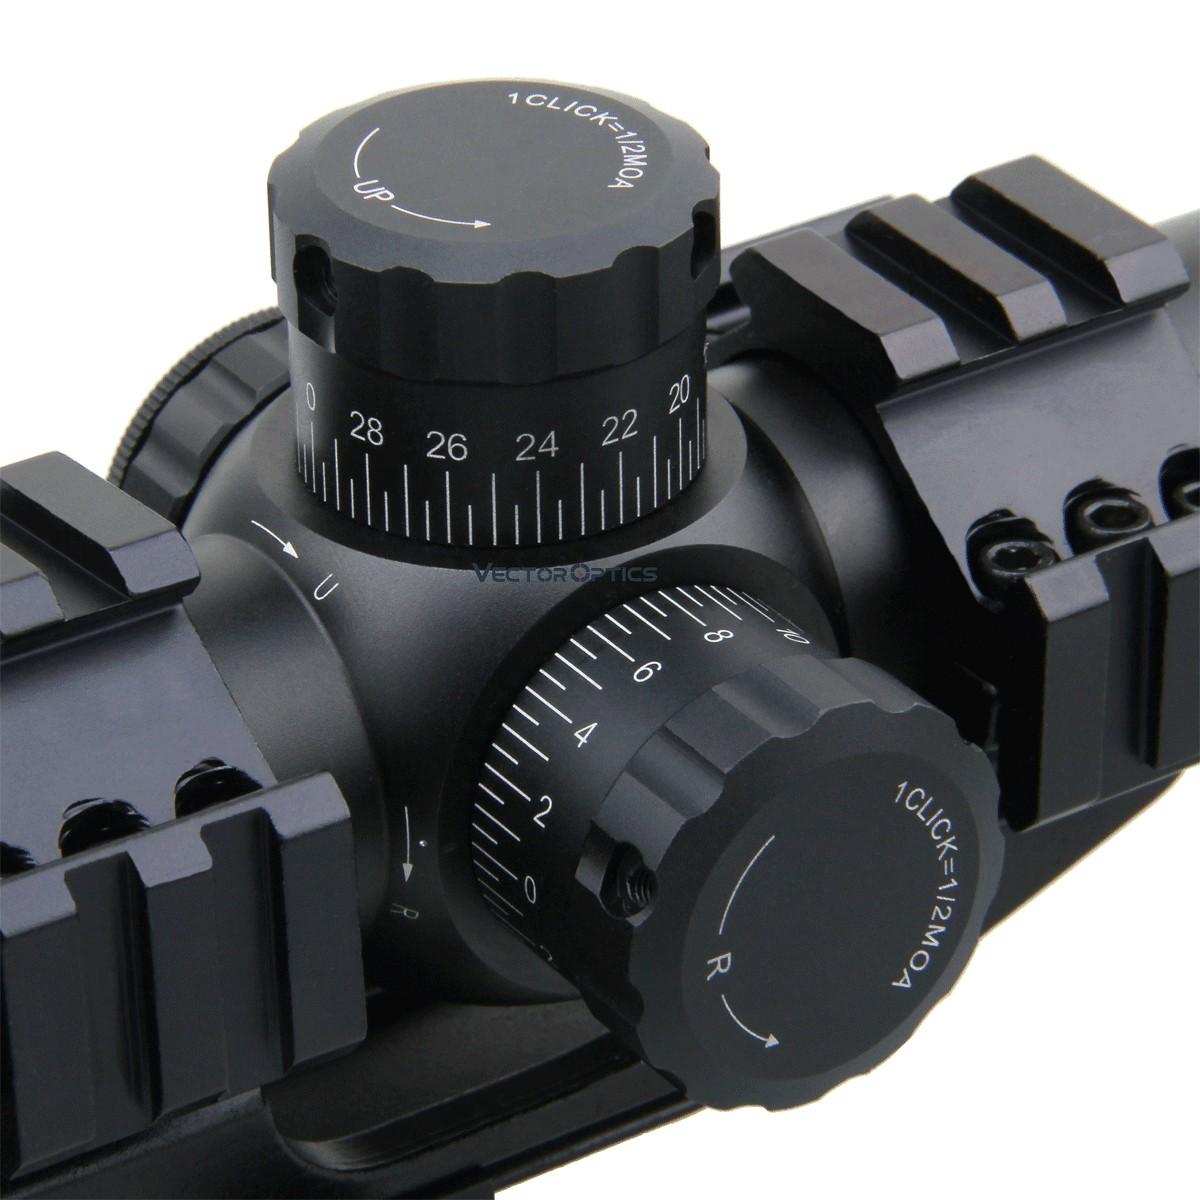 Mustang 1-4x24FFP Riflescope